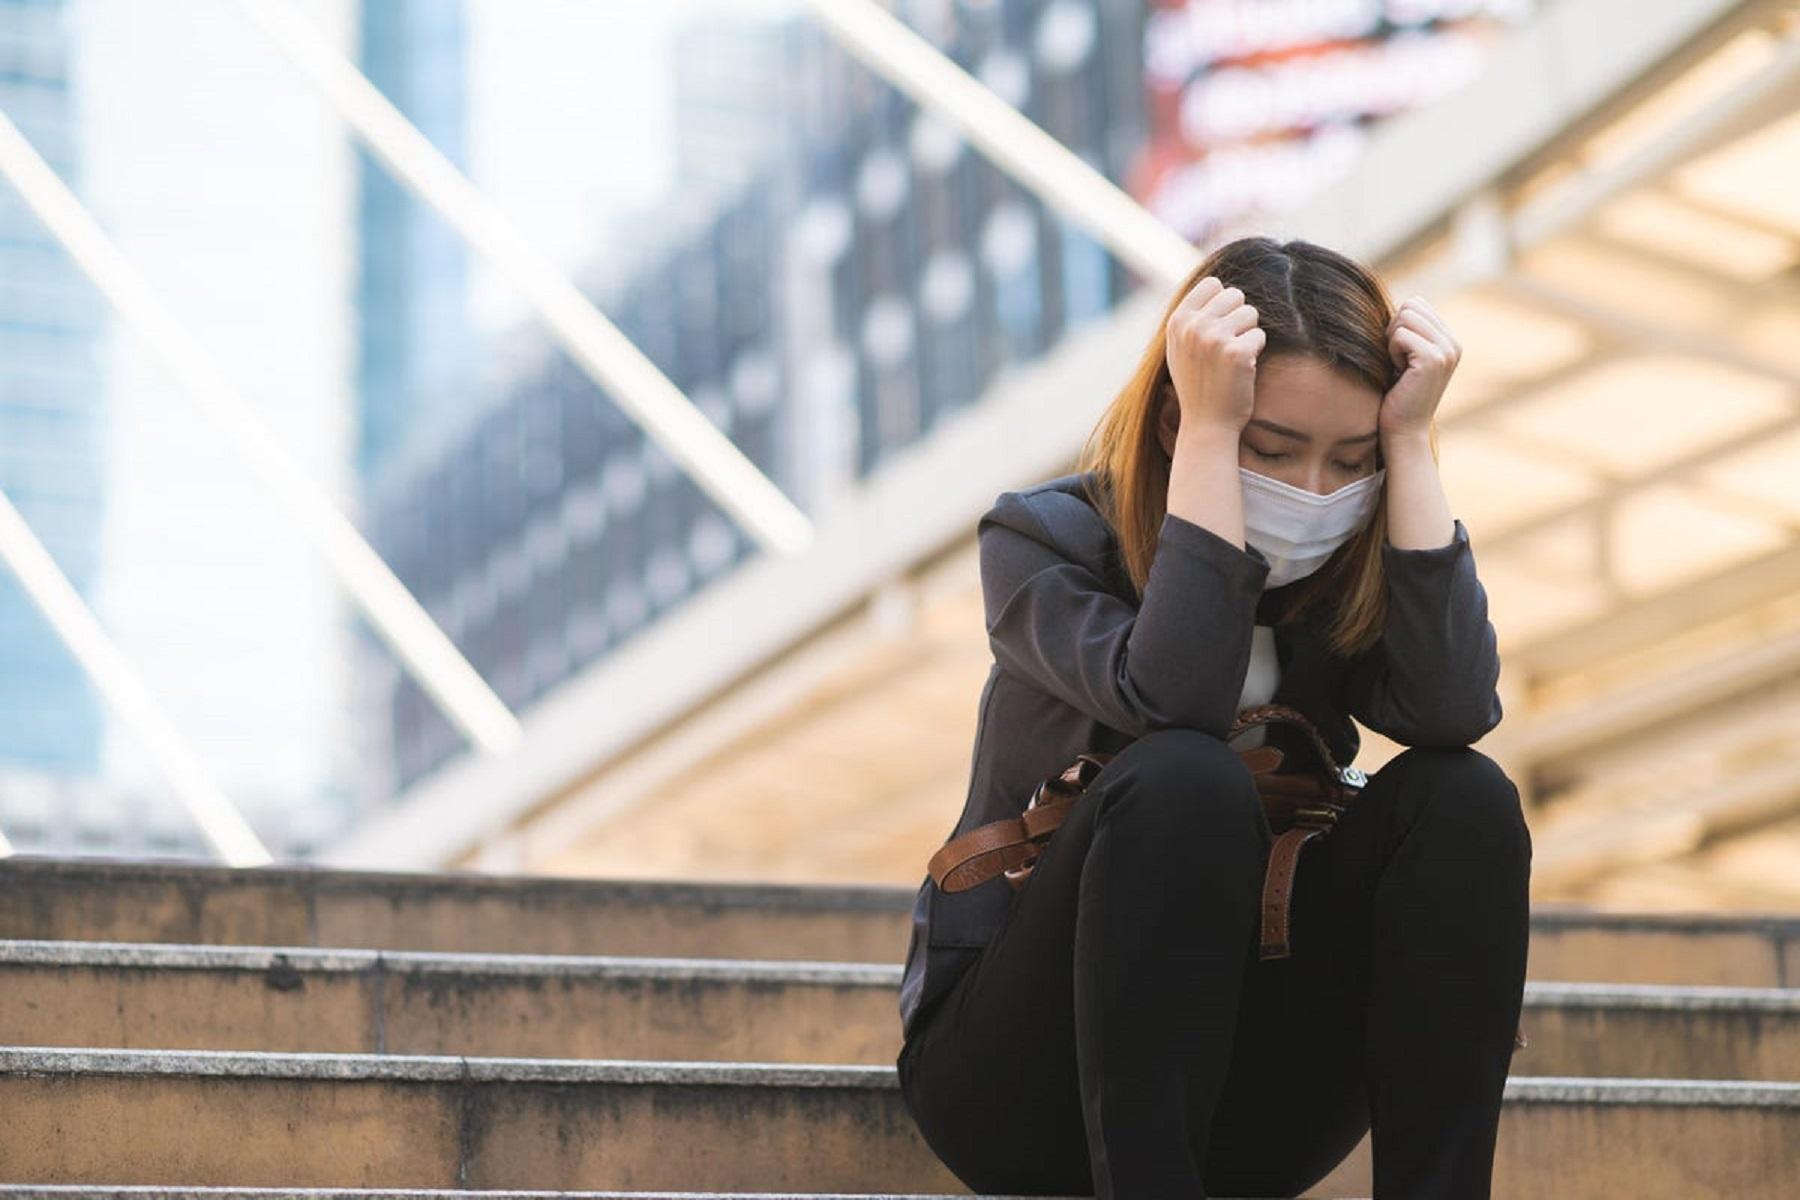 Κορωνοϊός Πανδημία: Η κατάθλιψη τριπλασιάζεται από την έναρξη της COVID-19